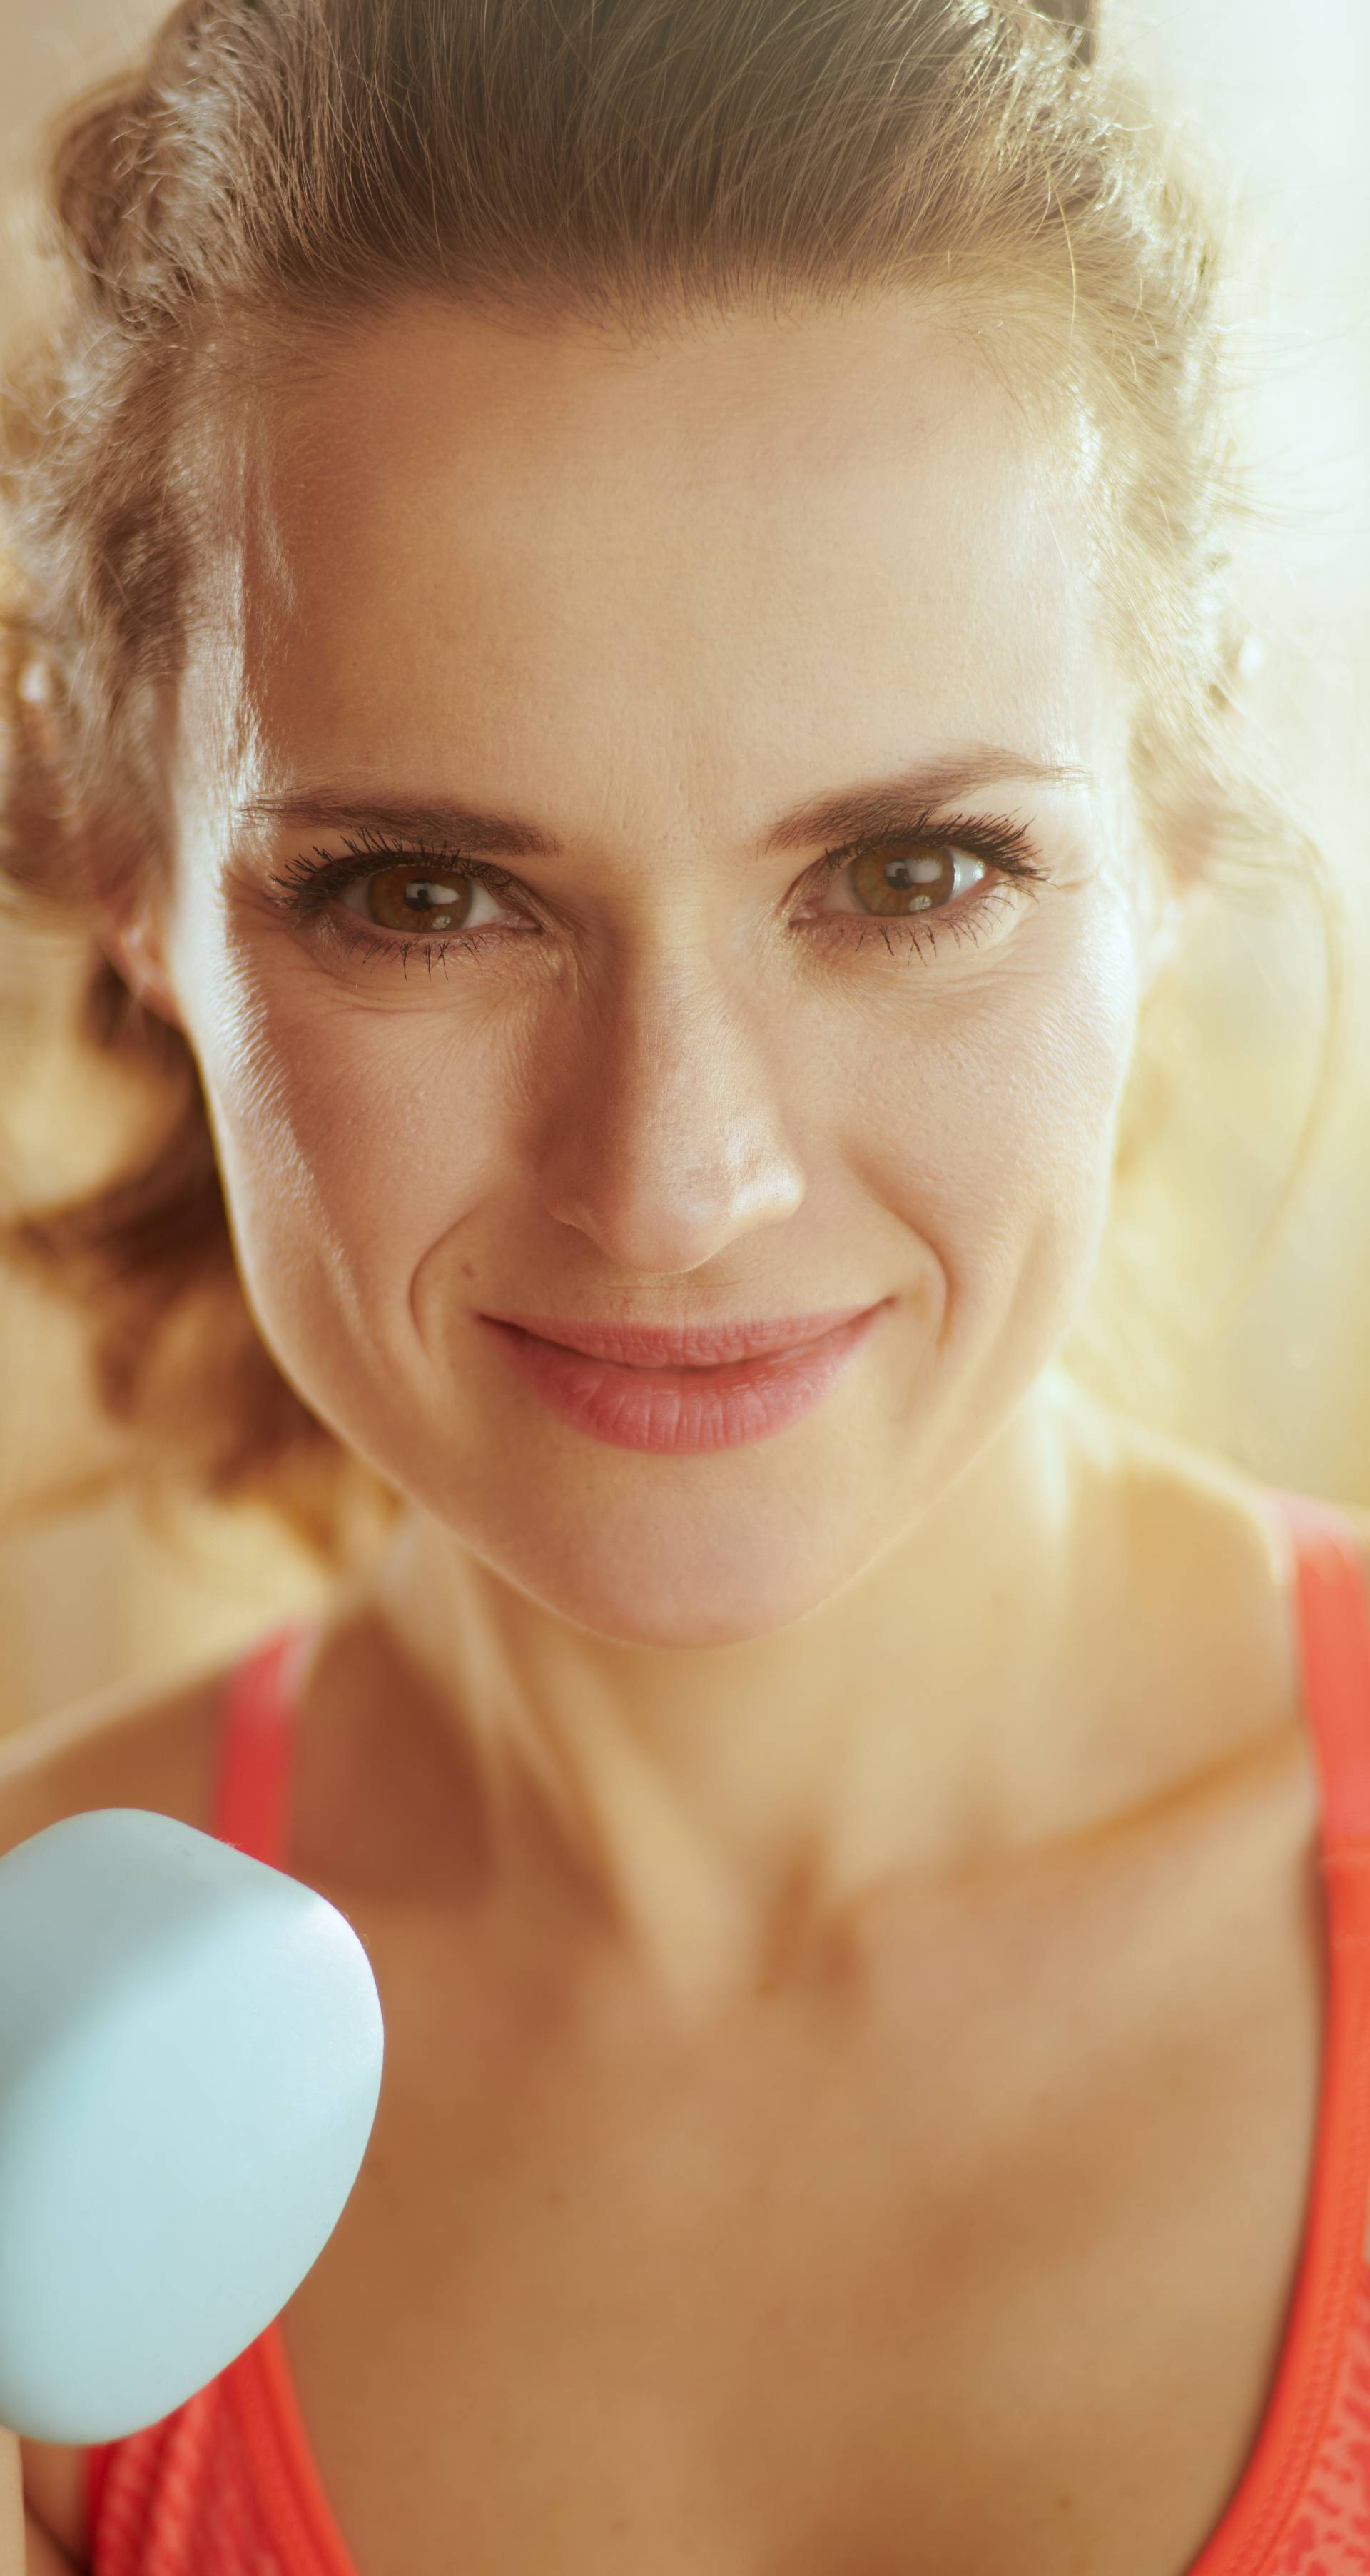 Ne dajte da vam tijelo 'zahrđa': Jedite zdravo, ne sjedite dugo